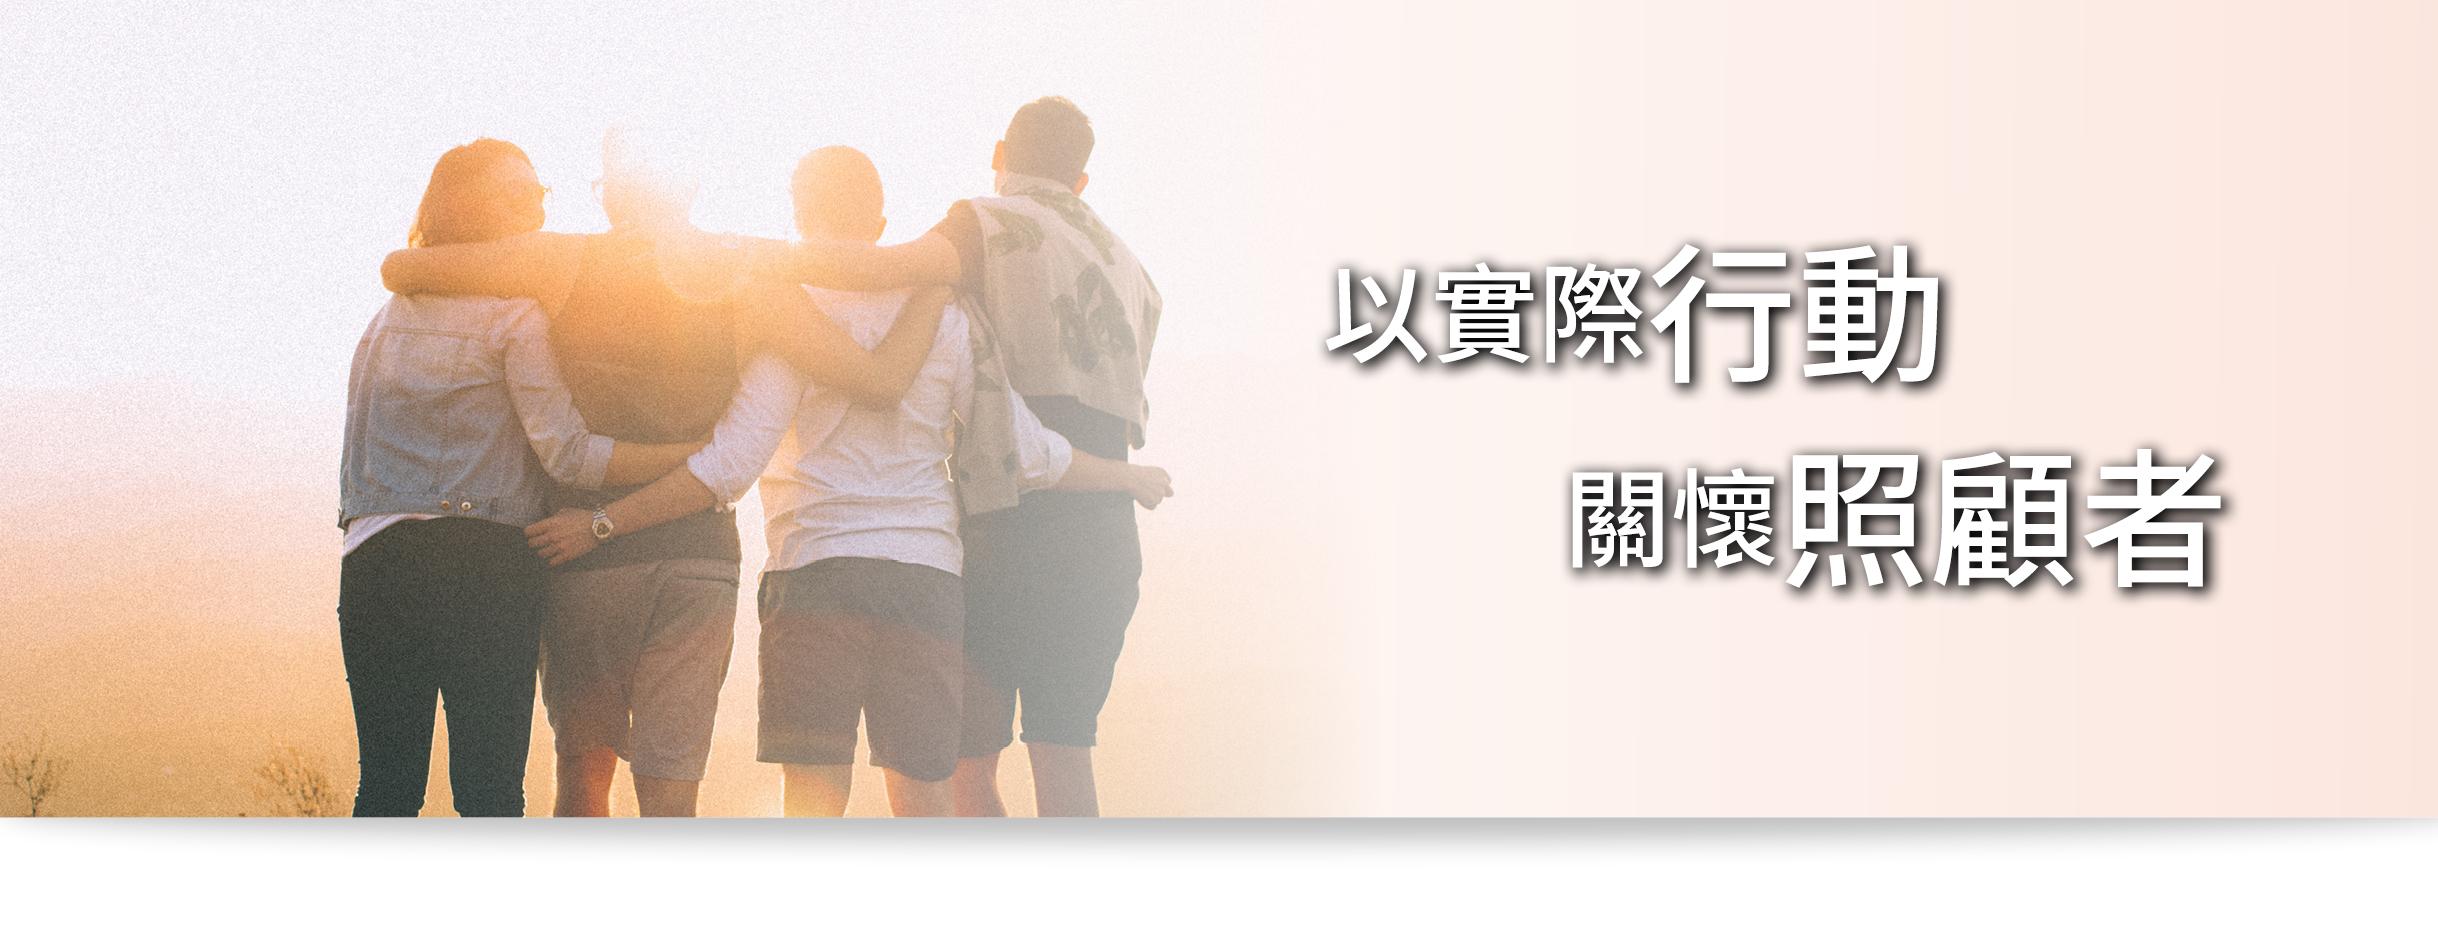 以行動關懷照顧者 | 靈命日糧繁體中文網站